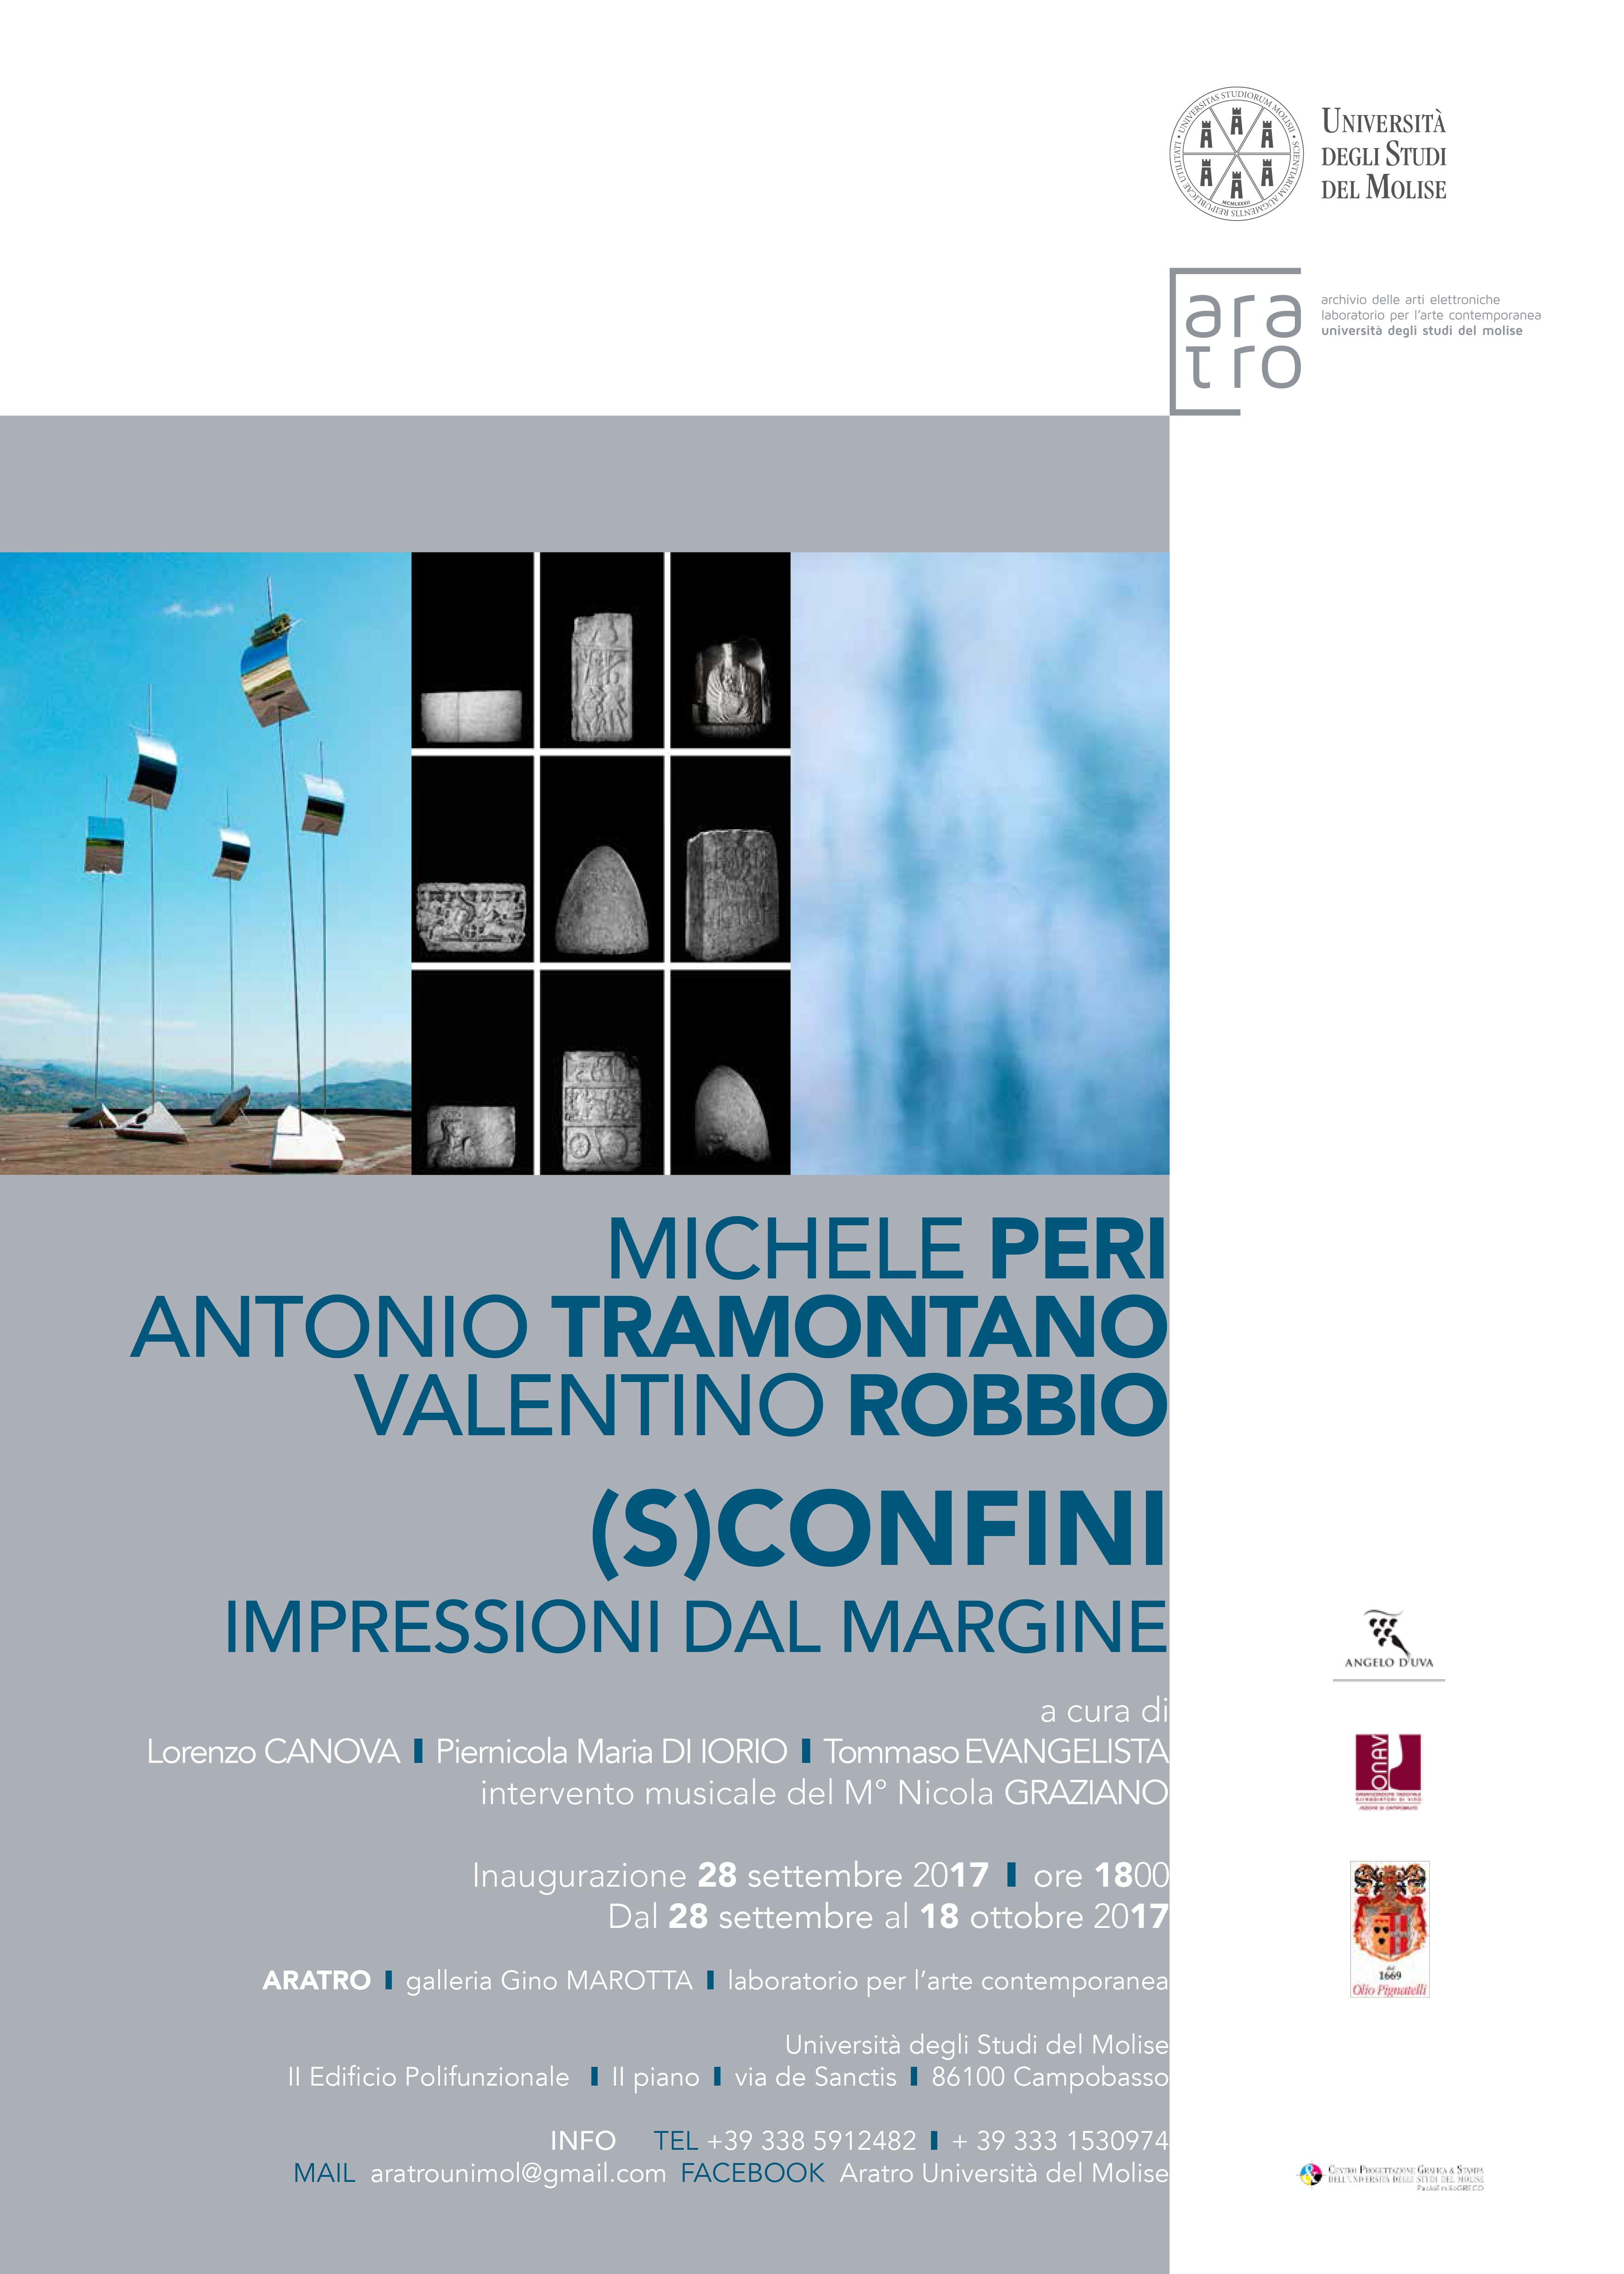 locandina (S)CONFINI